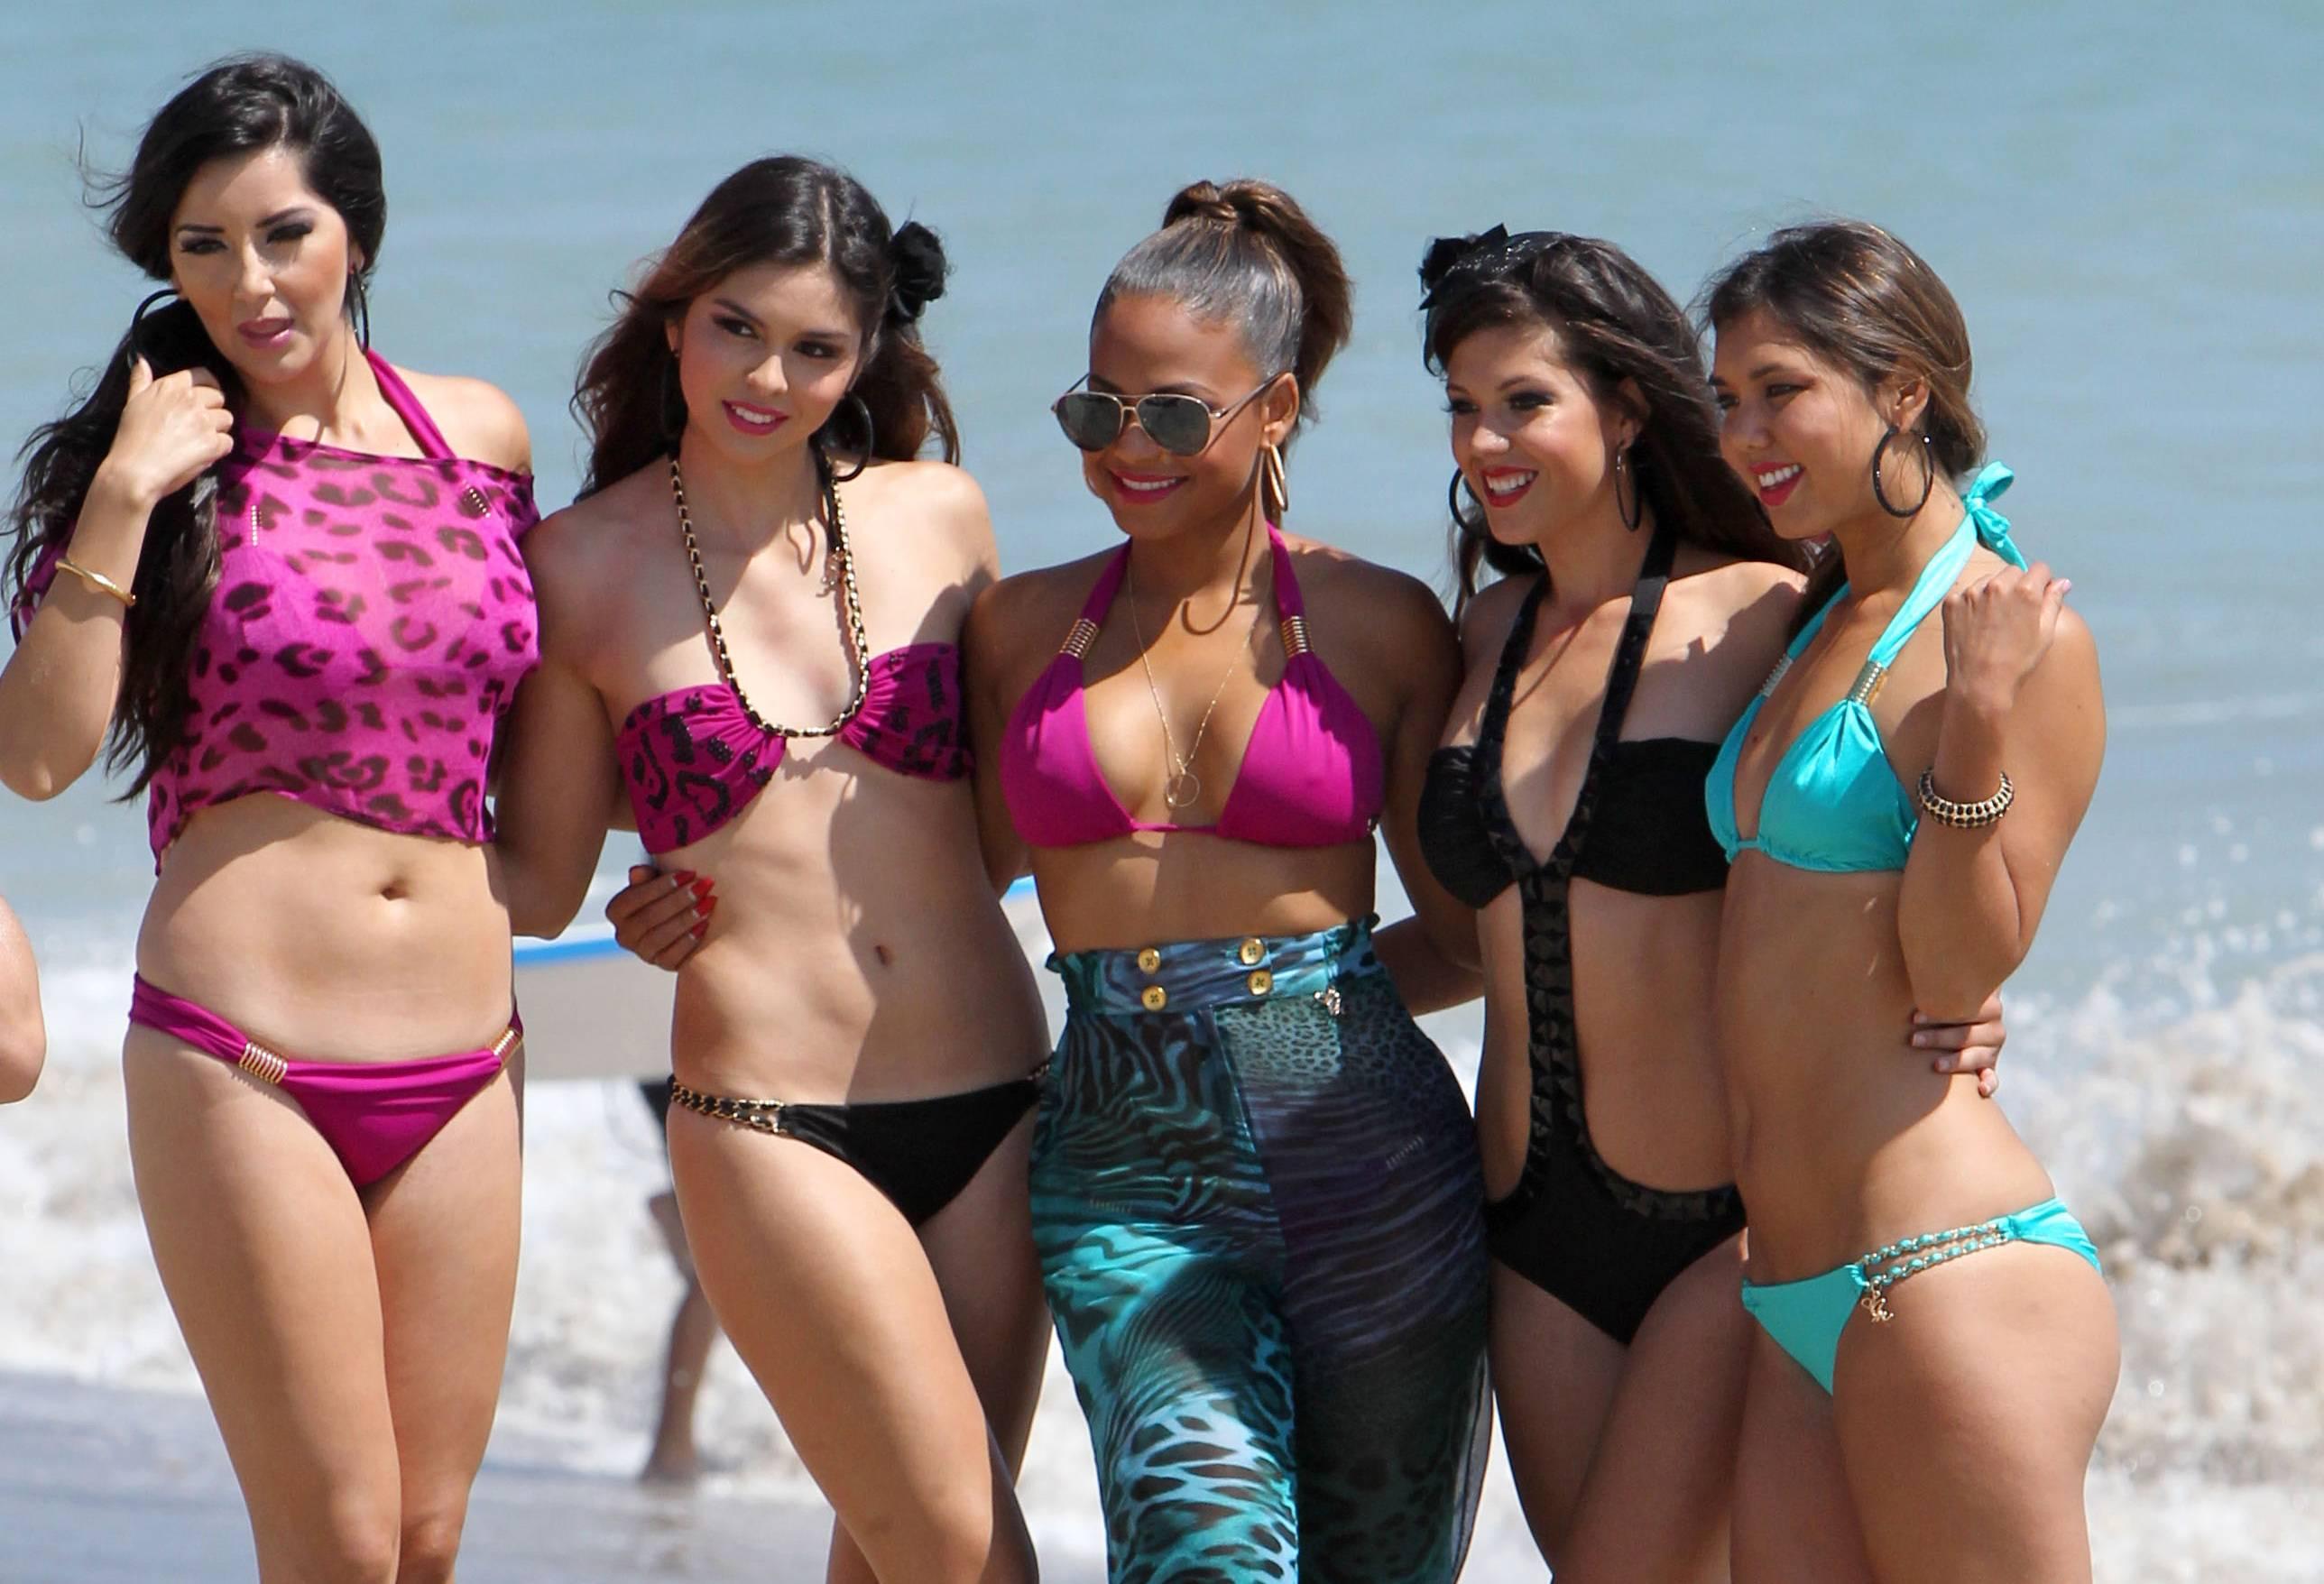 bikini-and-party